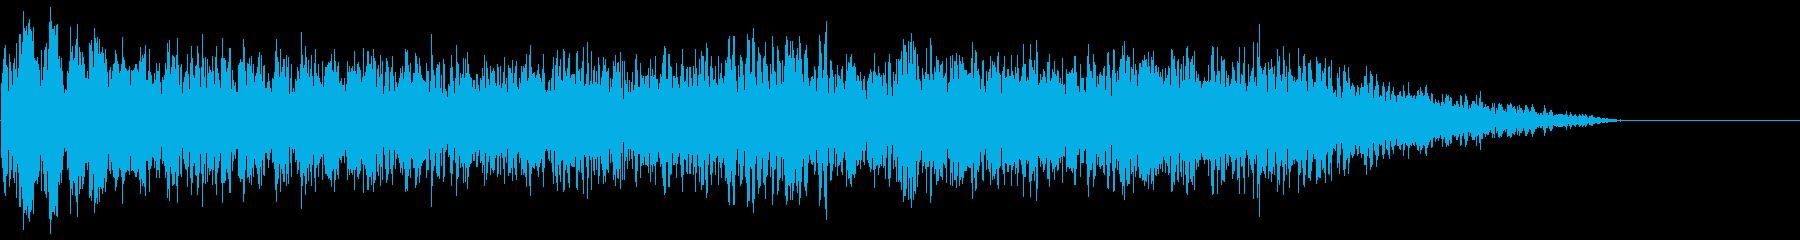 【ダーク】ホラー・サウンドスケイプ_09の再生済みの波形